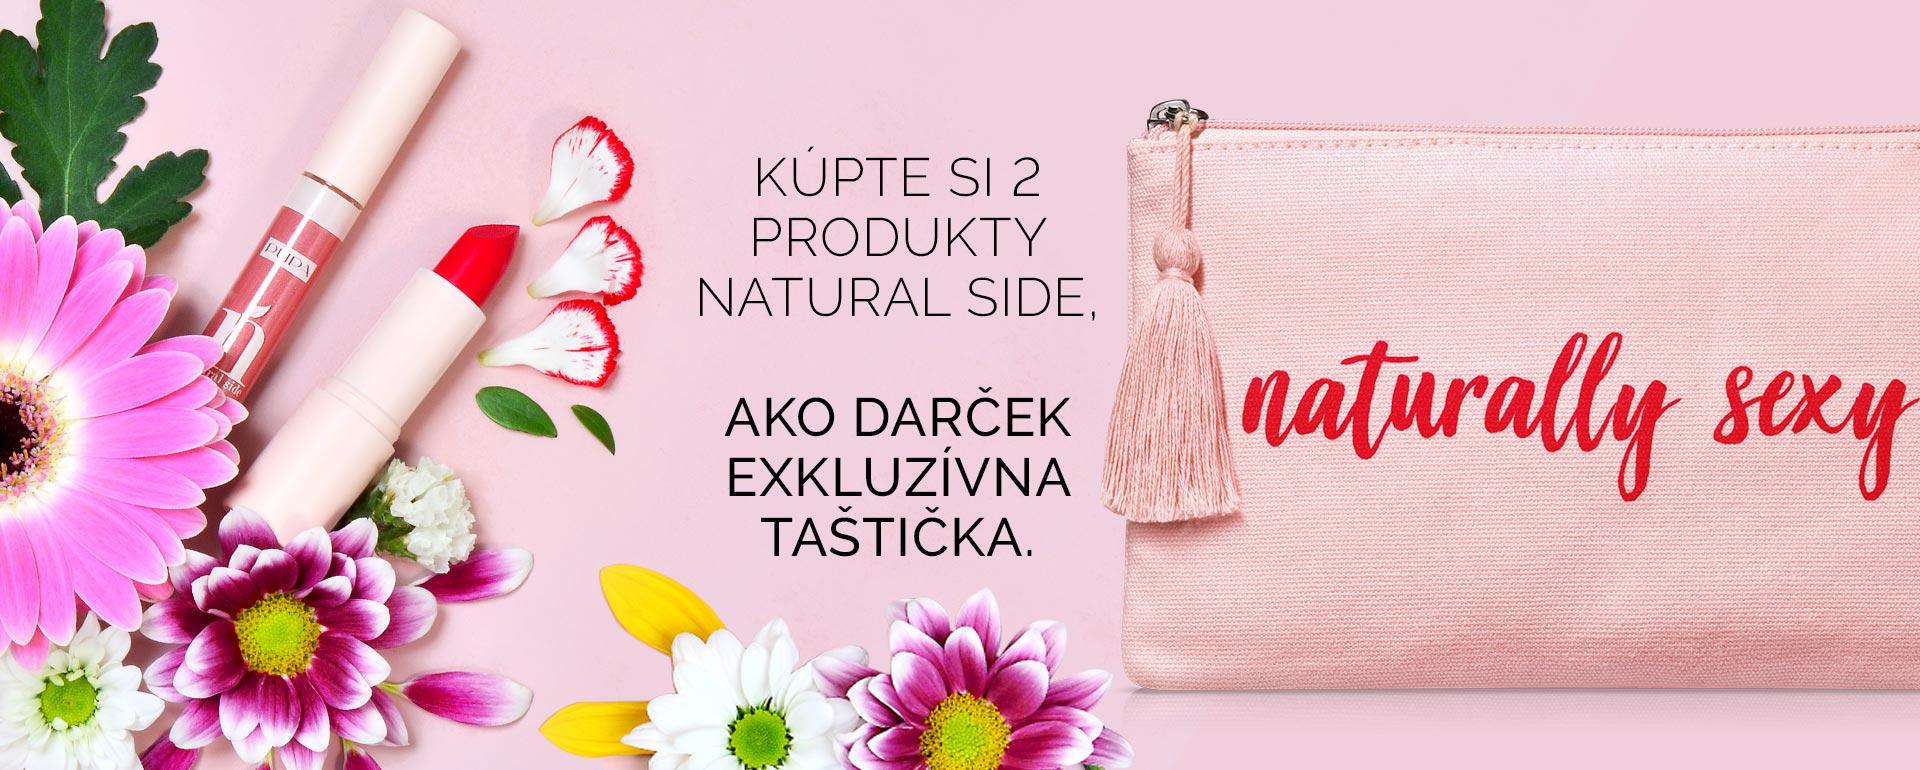 Natural side - PUPA Milano